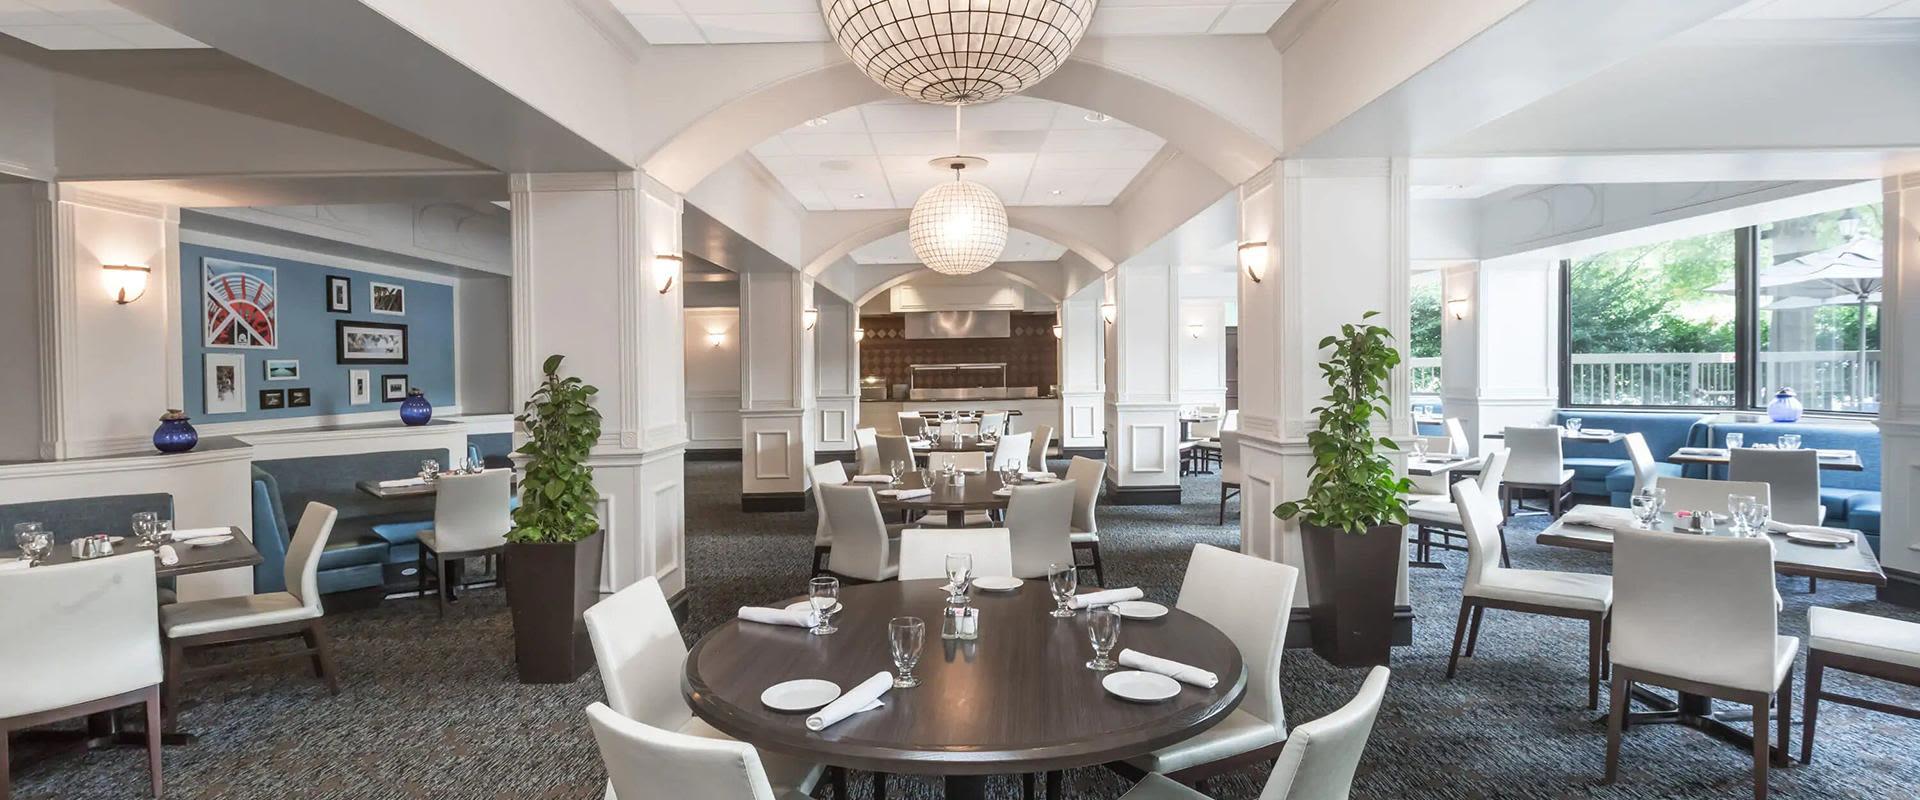 Atlanta Galleria hotel dining room